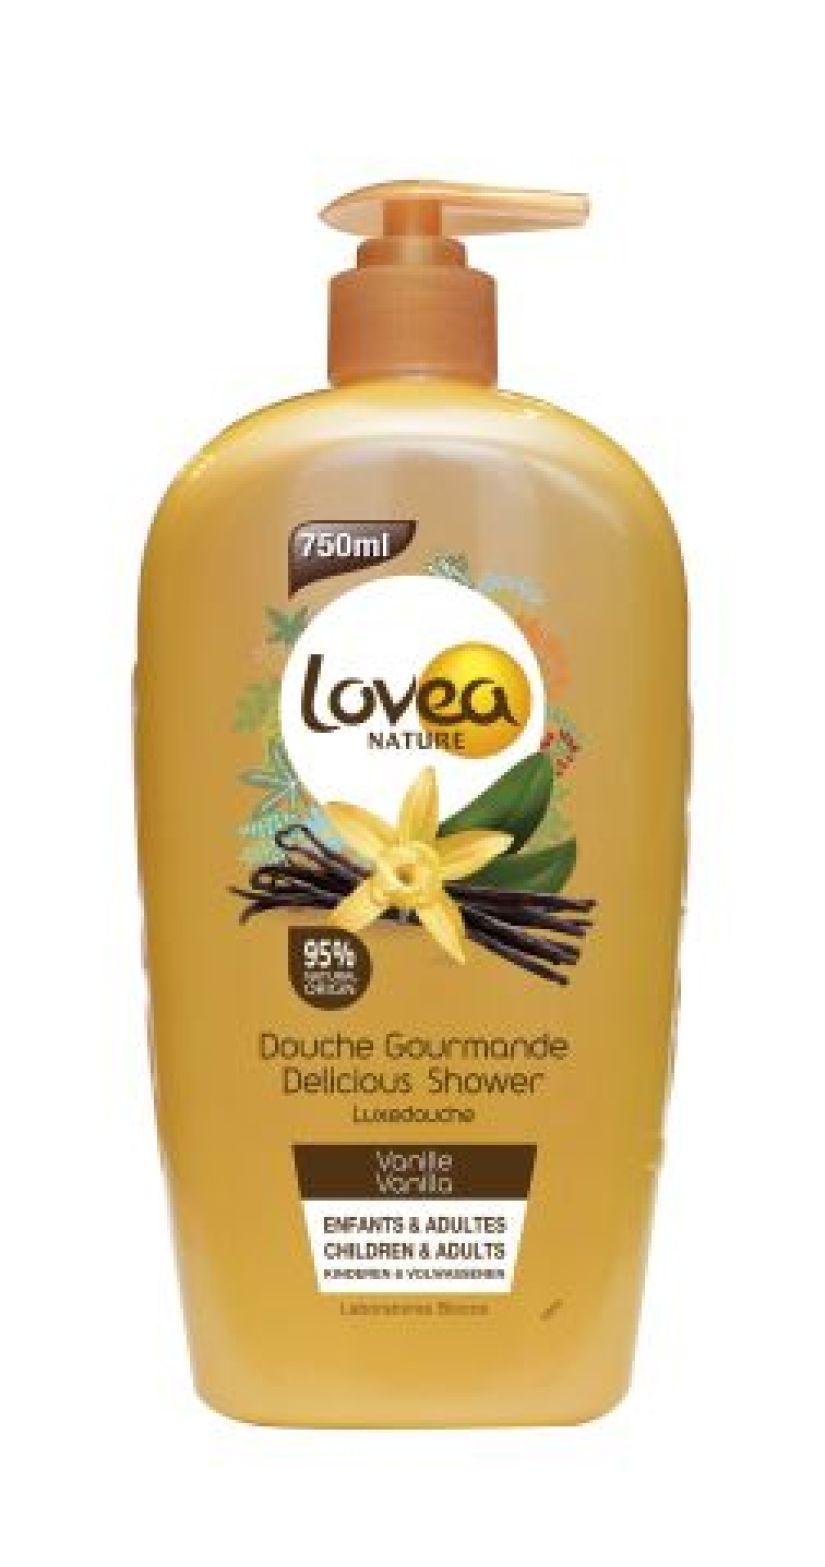 Lovea Nature Delicious vanilla shower